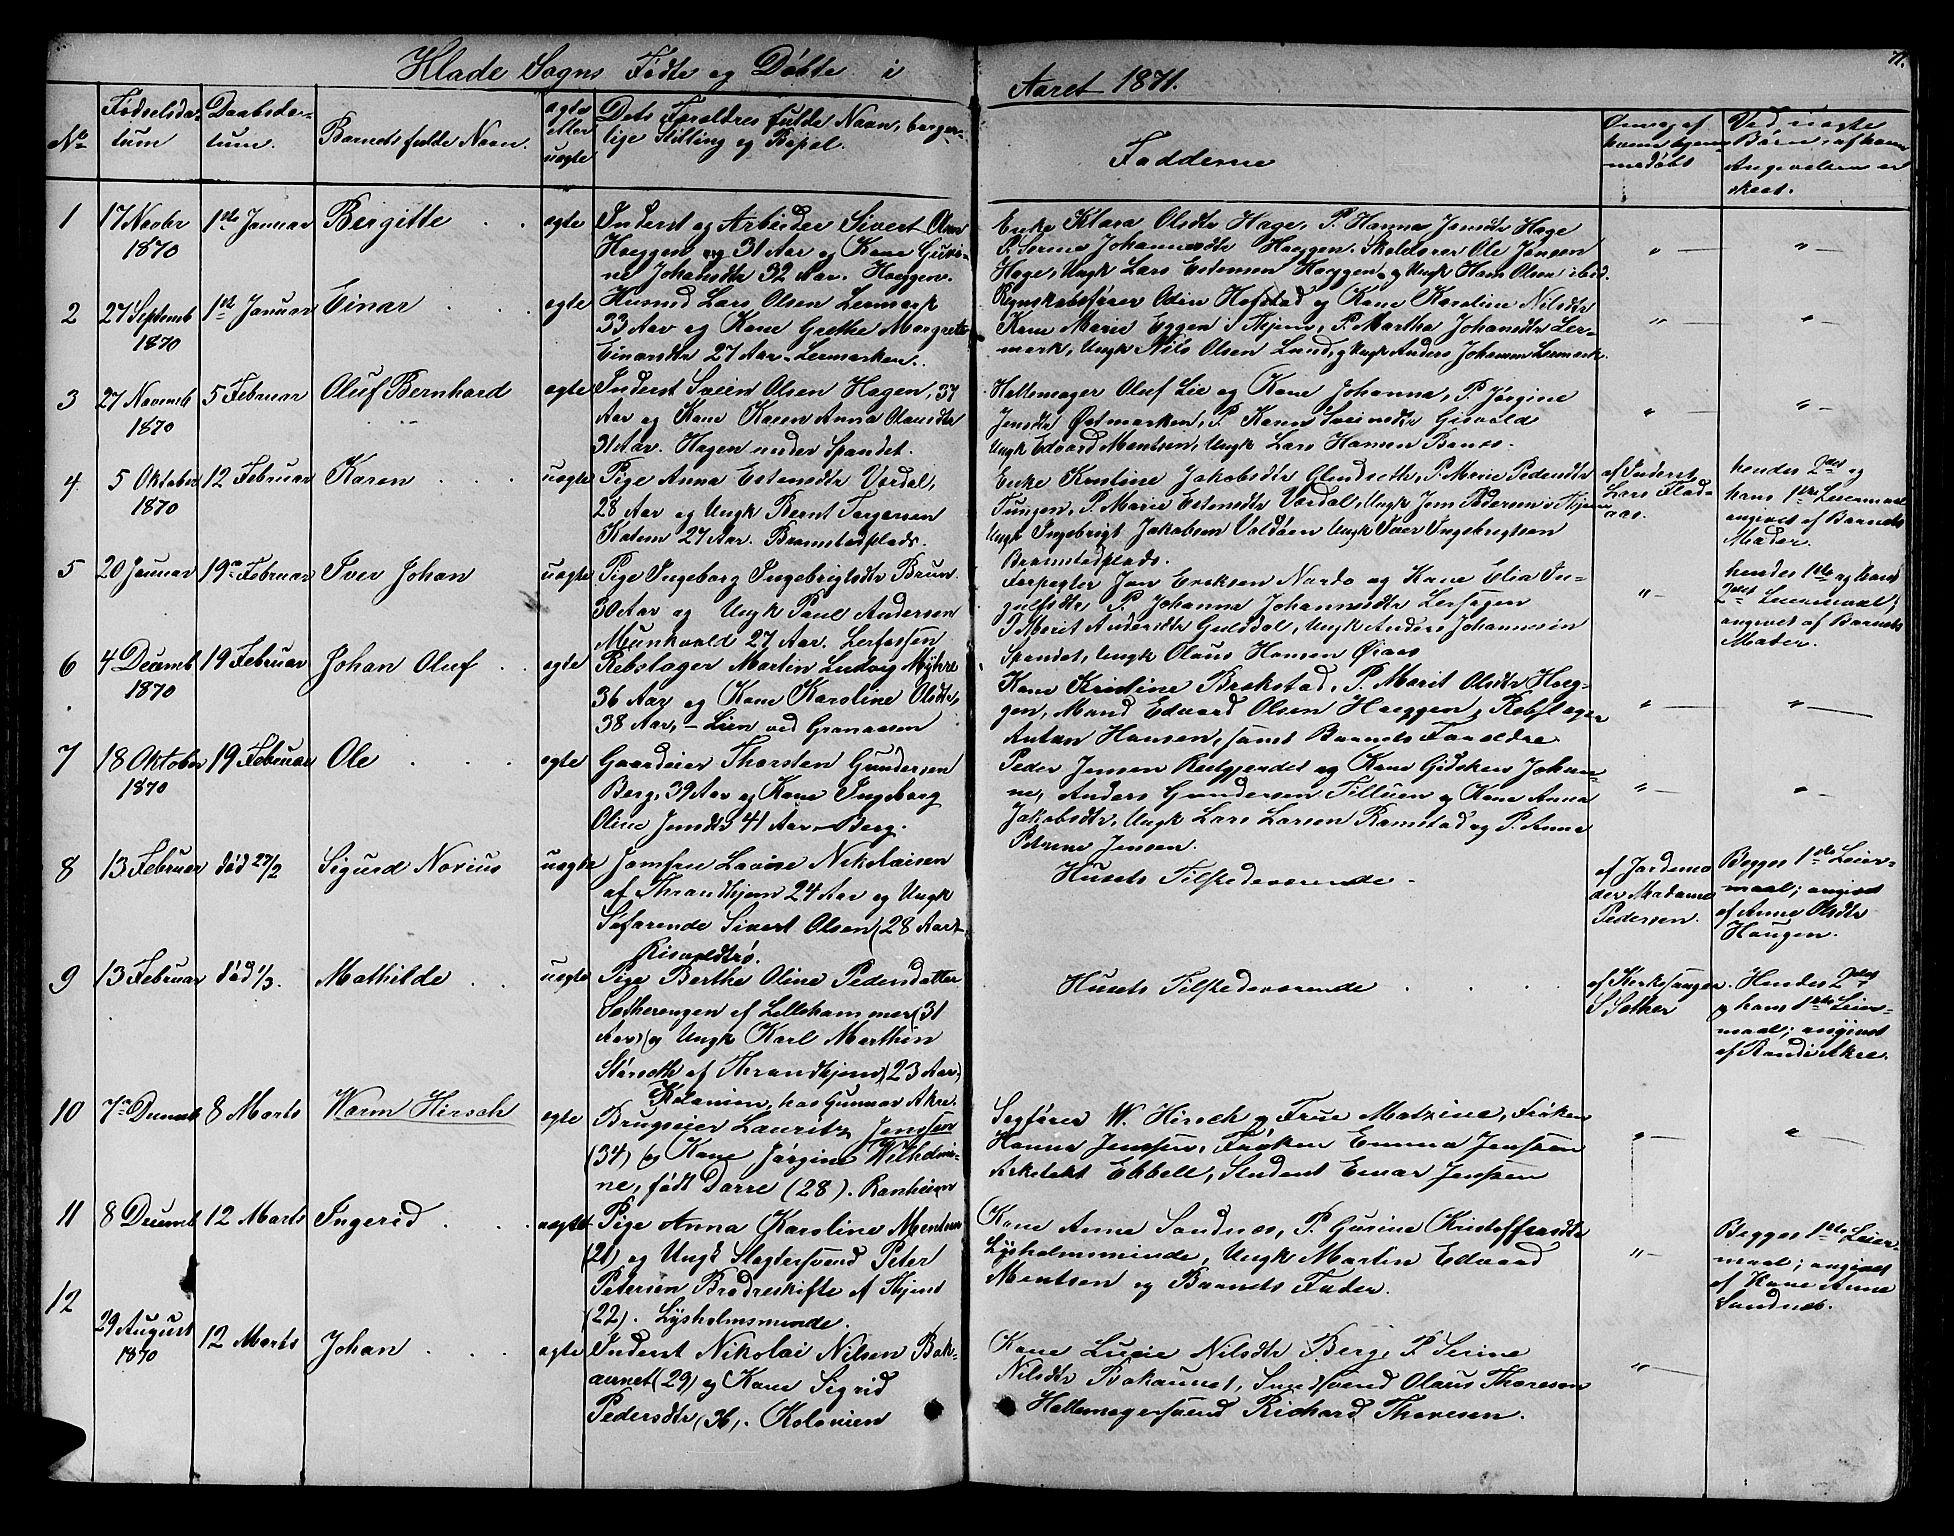 SAT, Ministerialprotokoller, klokkerbøker og fødselsregistre - Sør-Trøndelag, 606/L0311: Klokkerbok nr. 606C07, 1860-1877, s. 77